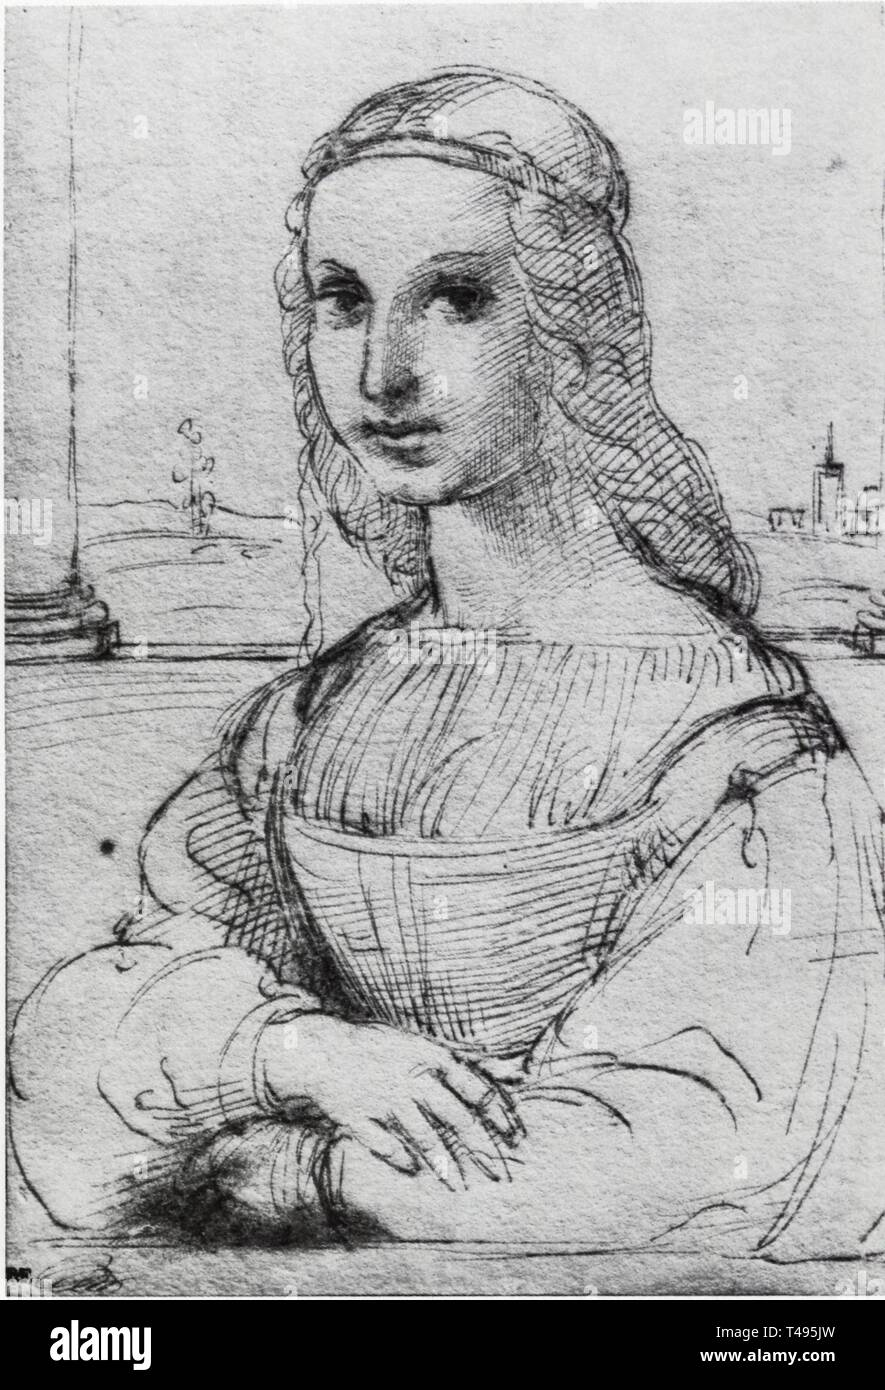 Raphael Etude Pour Le Portrait De Maddalena Doni Dessin 1505 1506